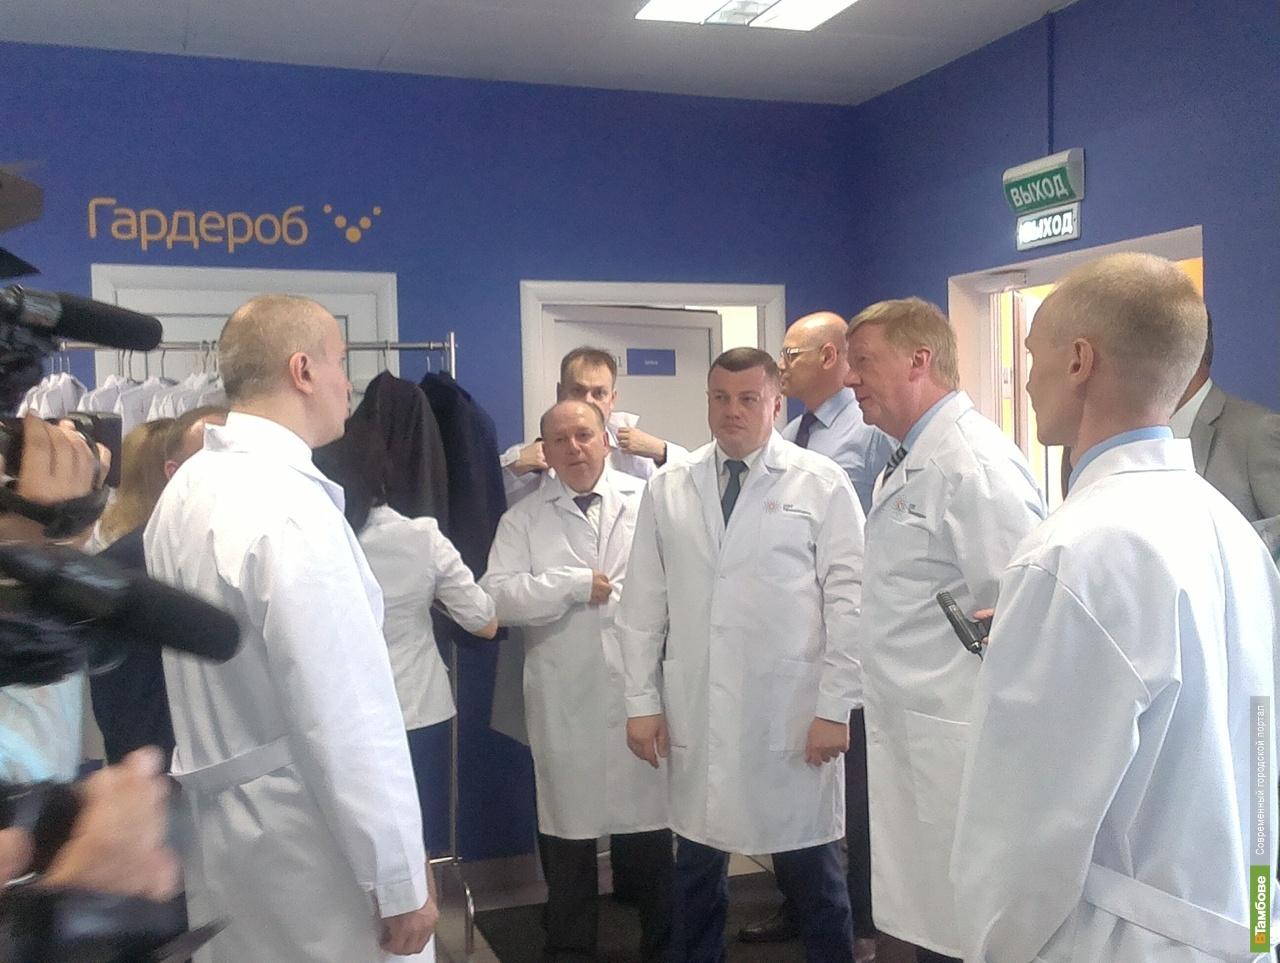 nanotehnologiya-s-chubaysom-o-onkologii-v-ufe-ero-foto-reychel-roks